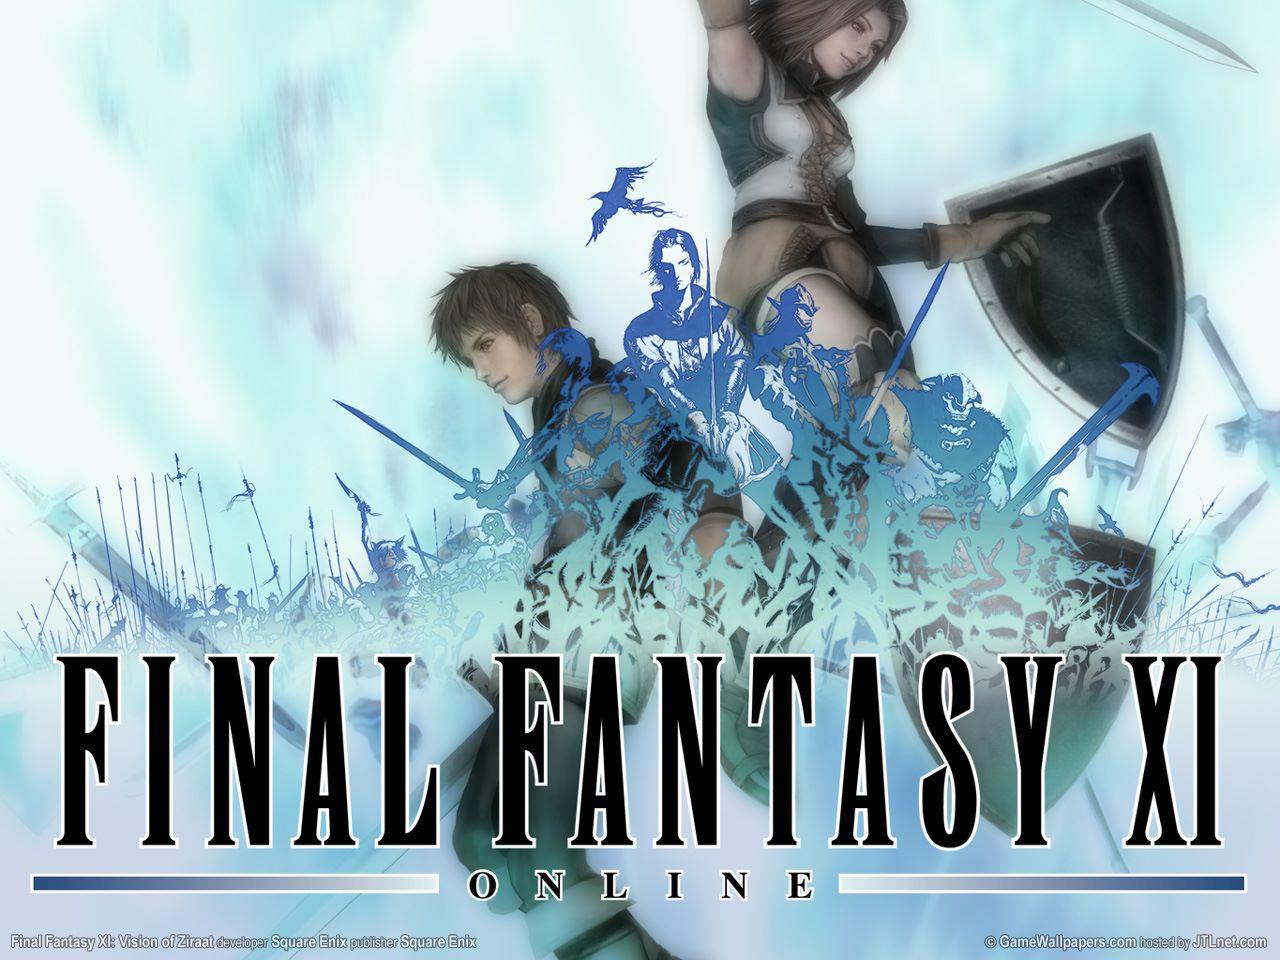 http://4.bp.blogspot.com/-hZElizKDJBQ/TkFthxp-mAI/AAAAAAAAHR4/NfqU8Zu23wc/s1600/final-fantasy-wallpaper.jpg